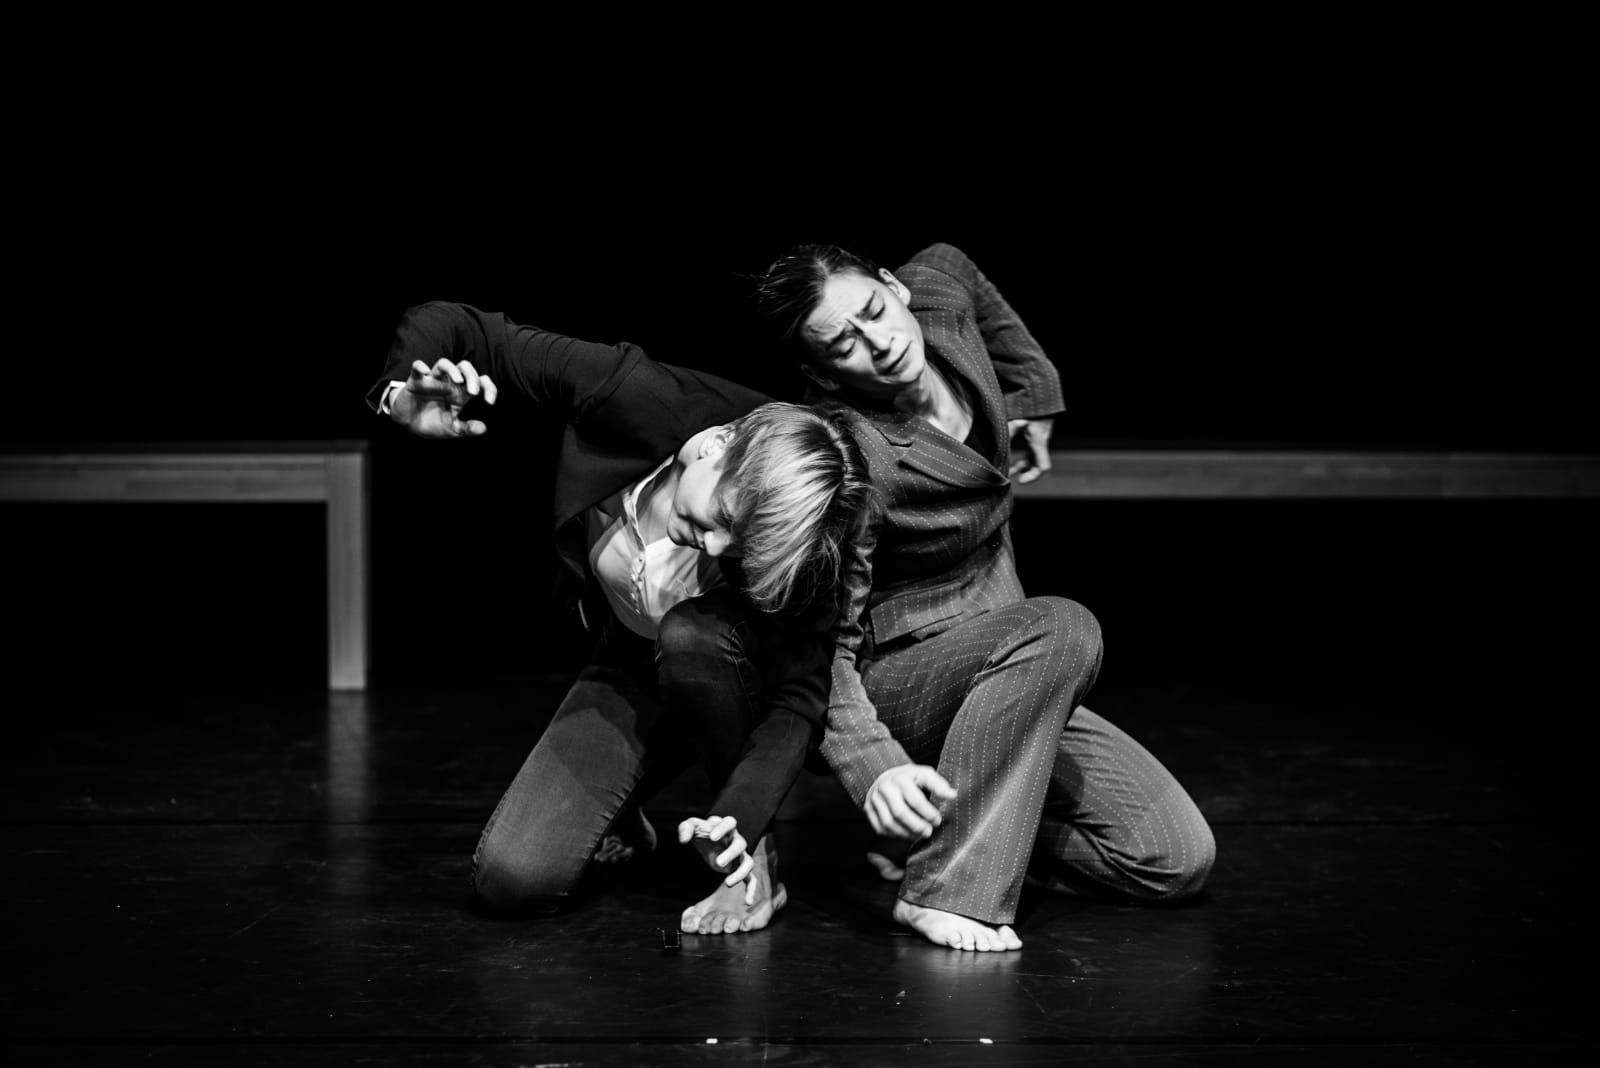 laboratorio-danzaBilder von Guido Stuch